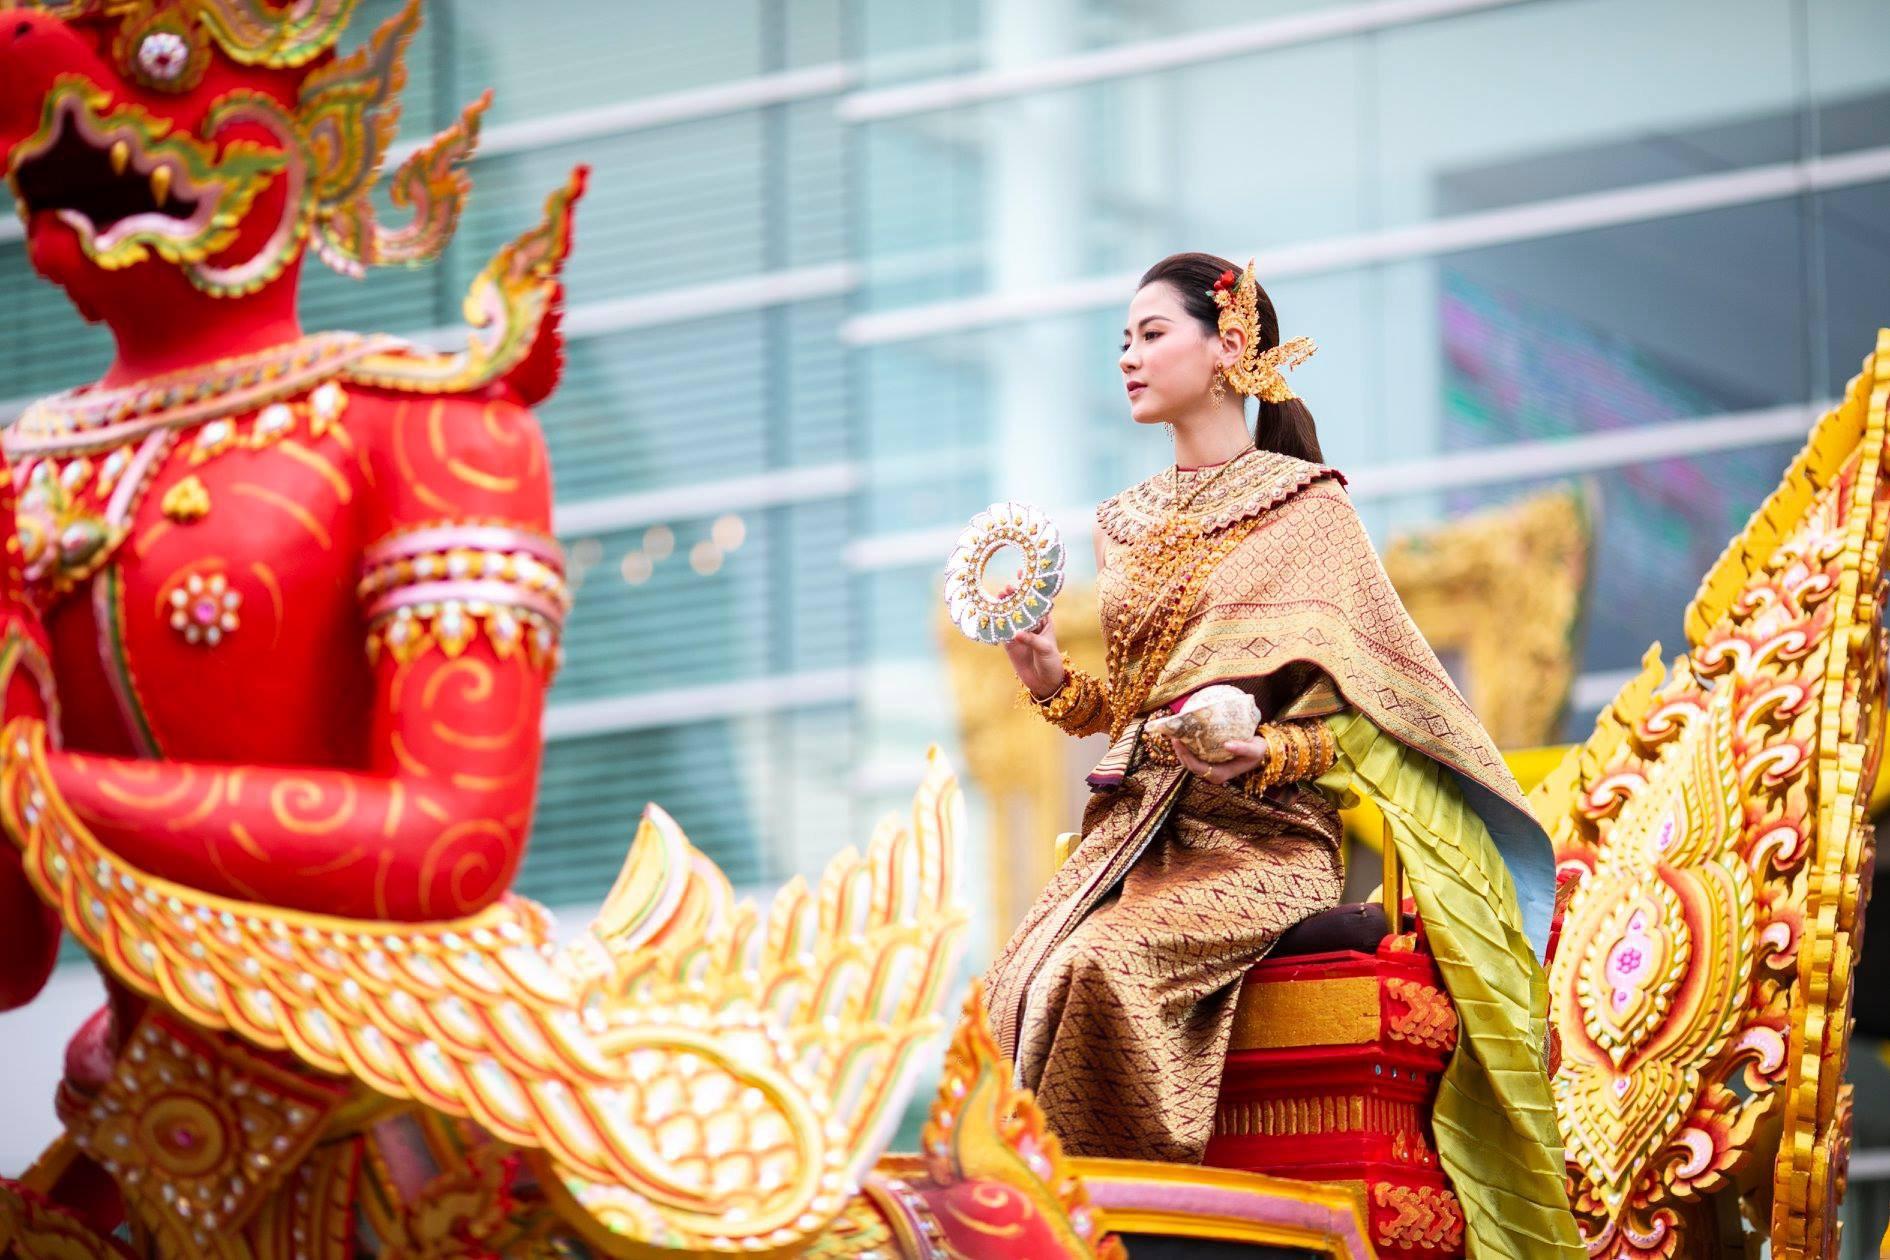 Dân tình náo loạn với nhan sắc cực phẩm của nữ thần Thungsa trong lễ Songkran 2019 tại Thái Lan - Ảnh 8.